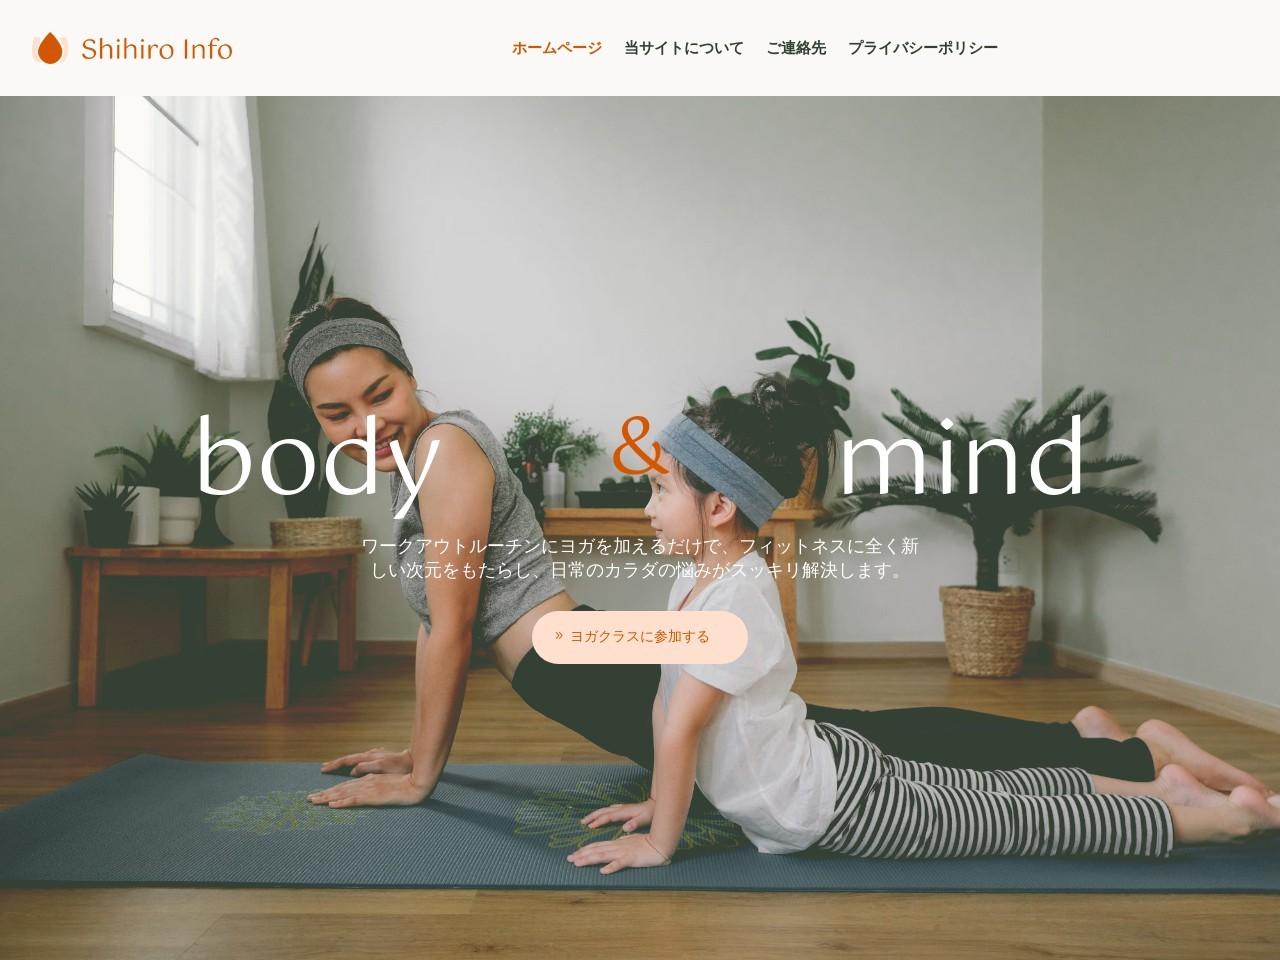 ココカラしほろ | 北海道士幌町の観光・道の駅・移住情報